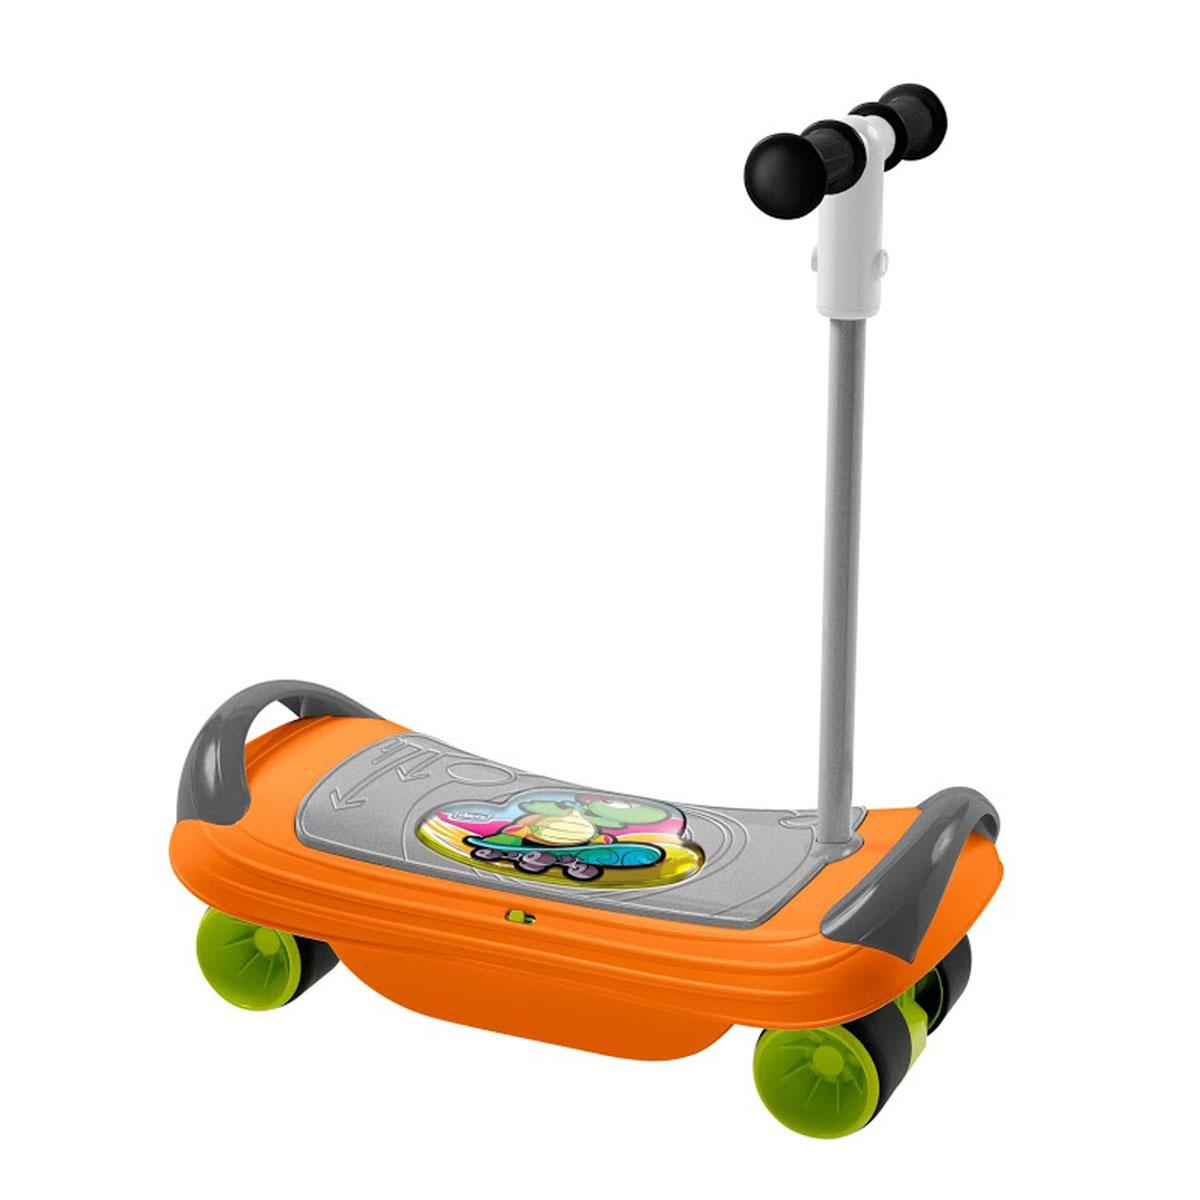 Игрушка-каталка Chicco Скейт00005227000000Игрушка-каталка Chicco Скейт - это прекрасный тренажер для физического развития ребенка. Она представляет собой широкую доску с поручнями, к которой снизу крепится рама с колесами. Игрушка выполнена из прочного безопасного пластика и может использоваться в качестве доски для баланса, скейта или самоката. В качестве доски для баланса (баланс борда) игрушка предназначена для ребенка в возрасте от 18 месяцев. Он сможет на ней сидеть, удерживаясь за боковые поручни и стараясь удержать равновесие, развивая координацию. Начиная с трехлетнего возраста малыш сможет использовать баланс борд в положении стоя. В конфигурации баланс борда игрушка предусматривает два электронных режима игры: Режим 1: Ребенок качается на доске из стороны в сторону и слушает веселые мелодии; Режим 2: В то время, когда ребенок удерживает равновесие, играет музыка. Если малыш теряет равновесие, музыка прерывается. Для того, чтобы конфигурировать игрушку в самокат, необходимо...